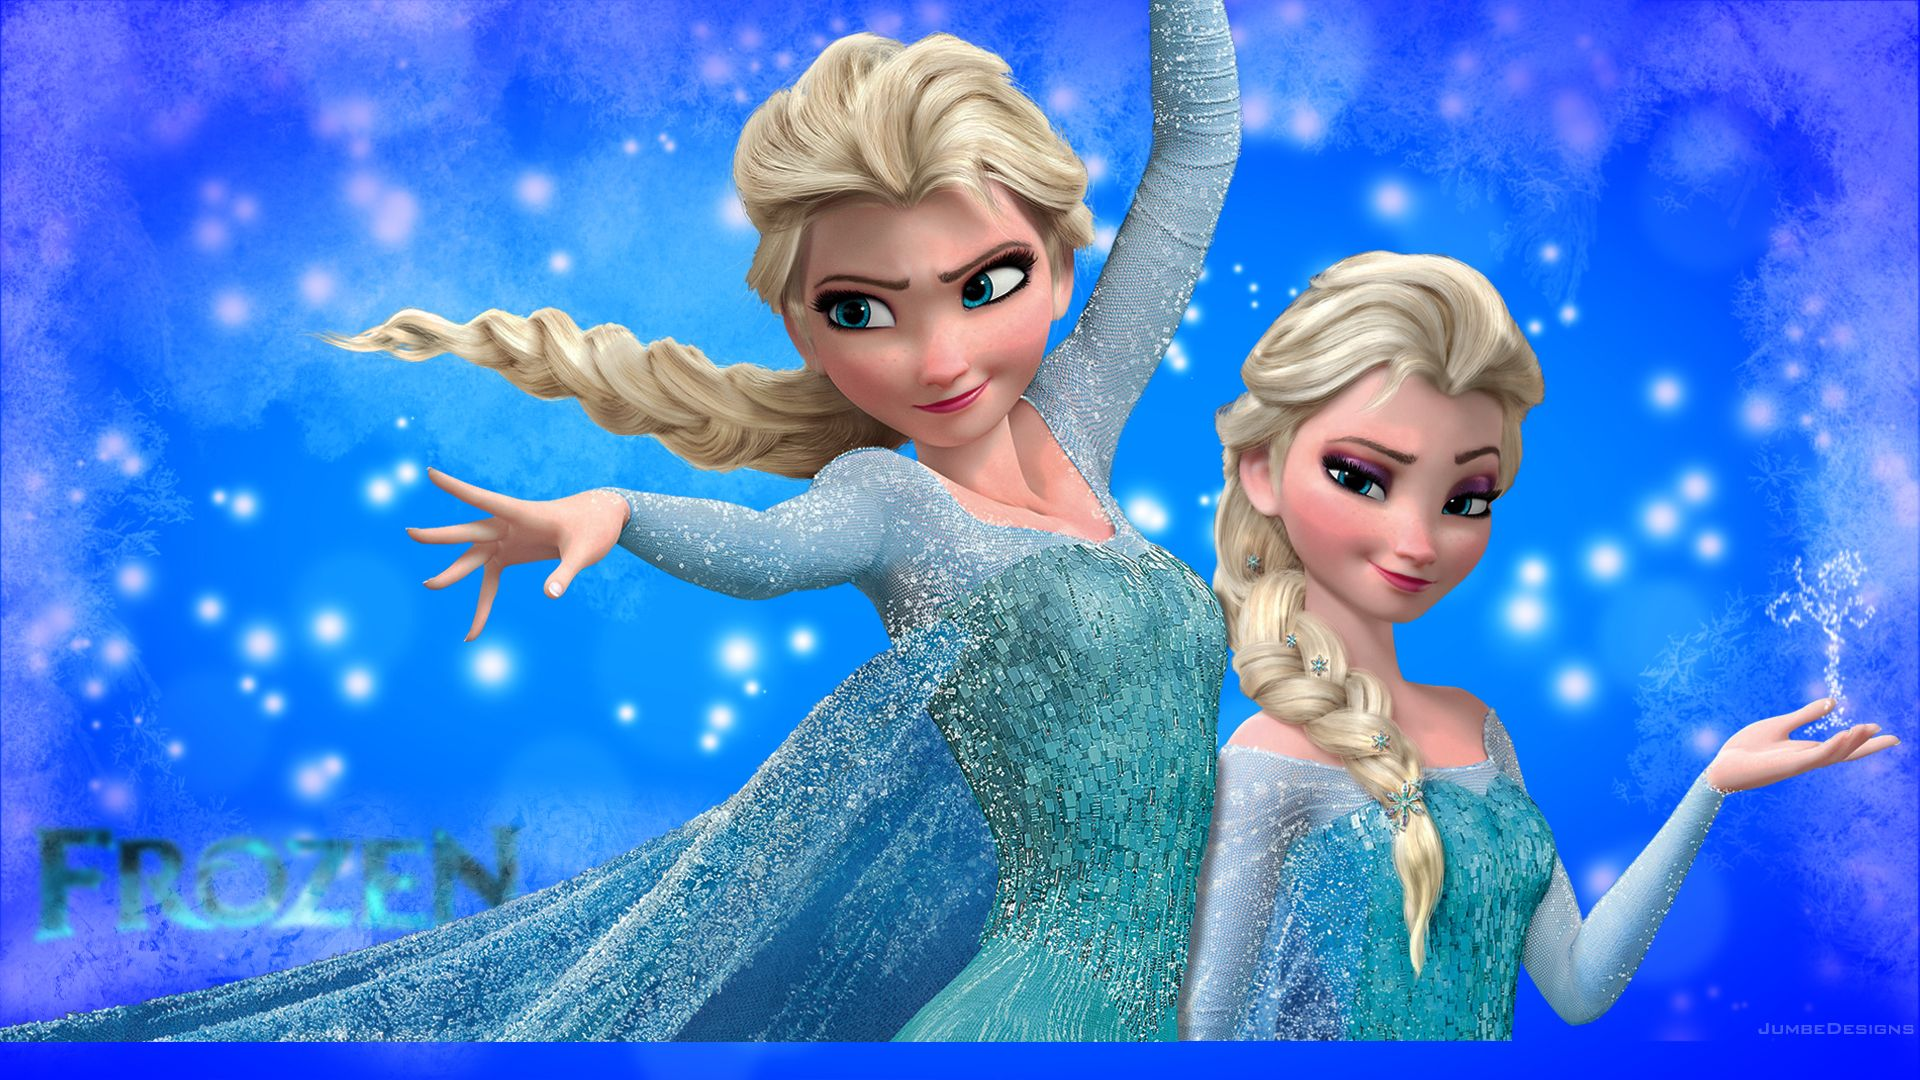 Frozen Elsa Wallpapers